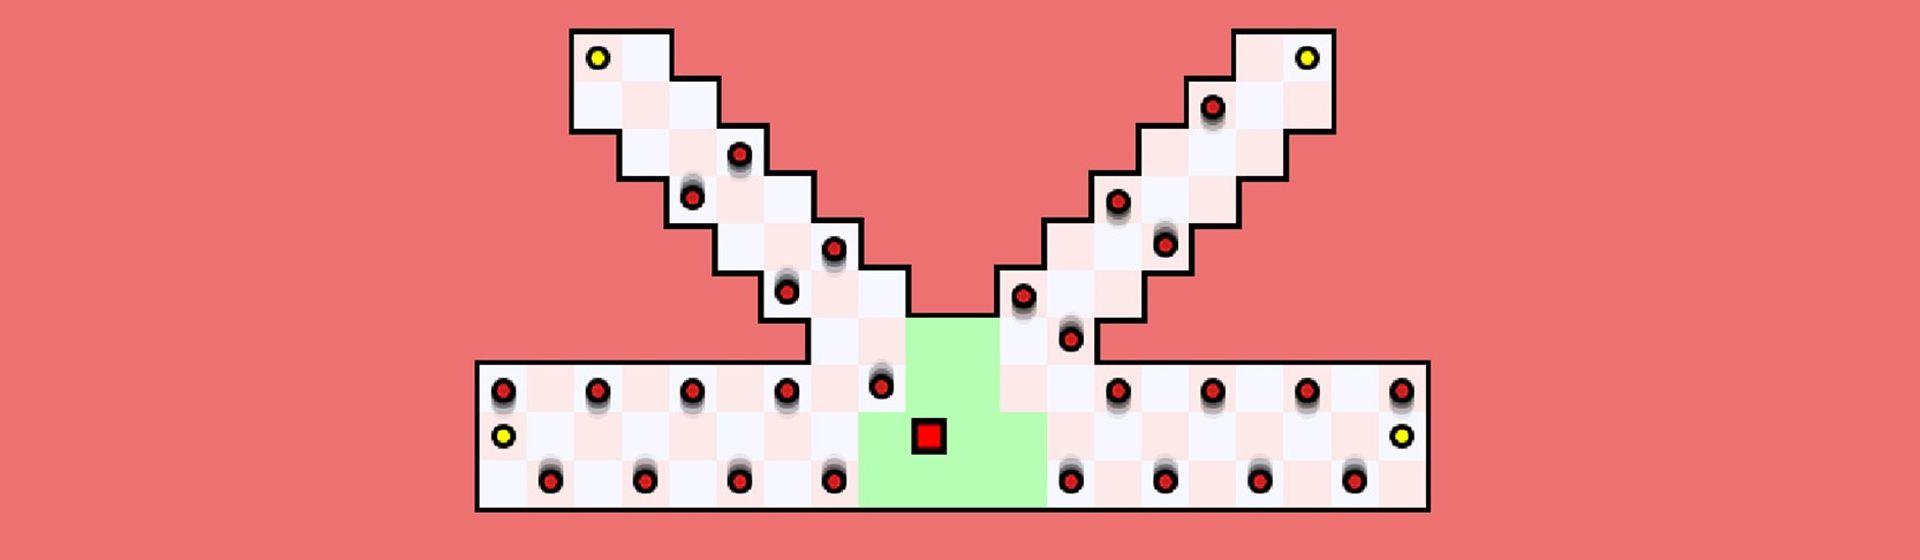 O Jogo Mais Difícil do Mundo: saiba tudo do game de quebra-cabeça